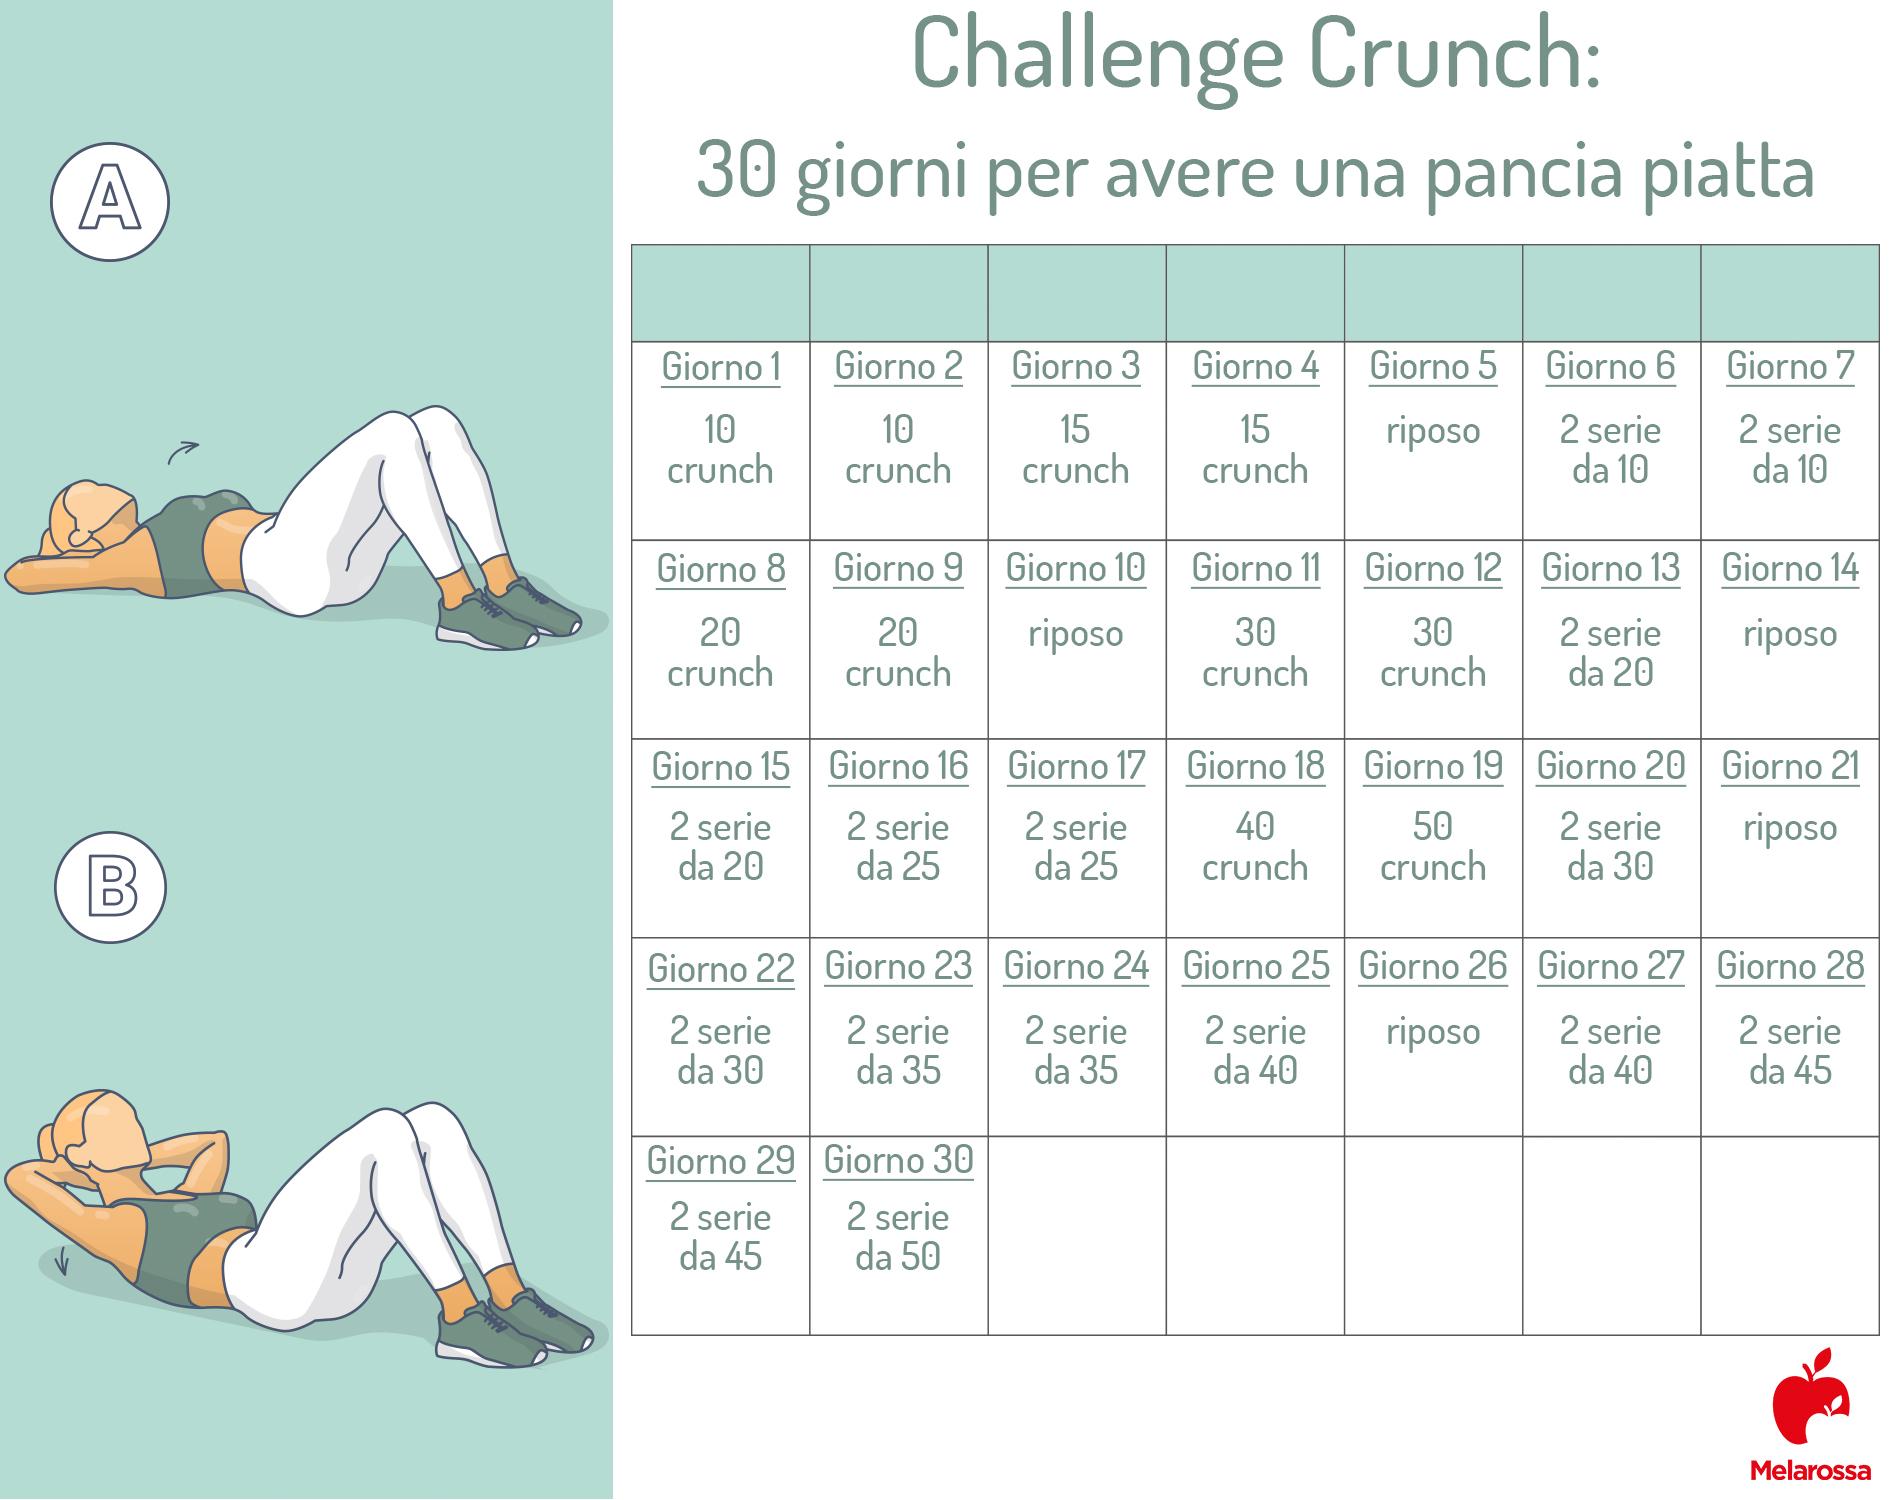 challenge crunch